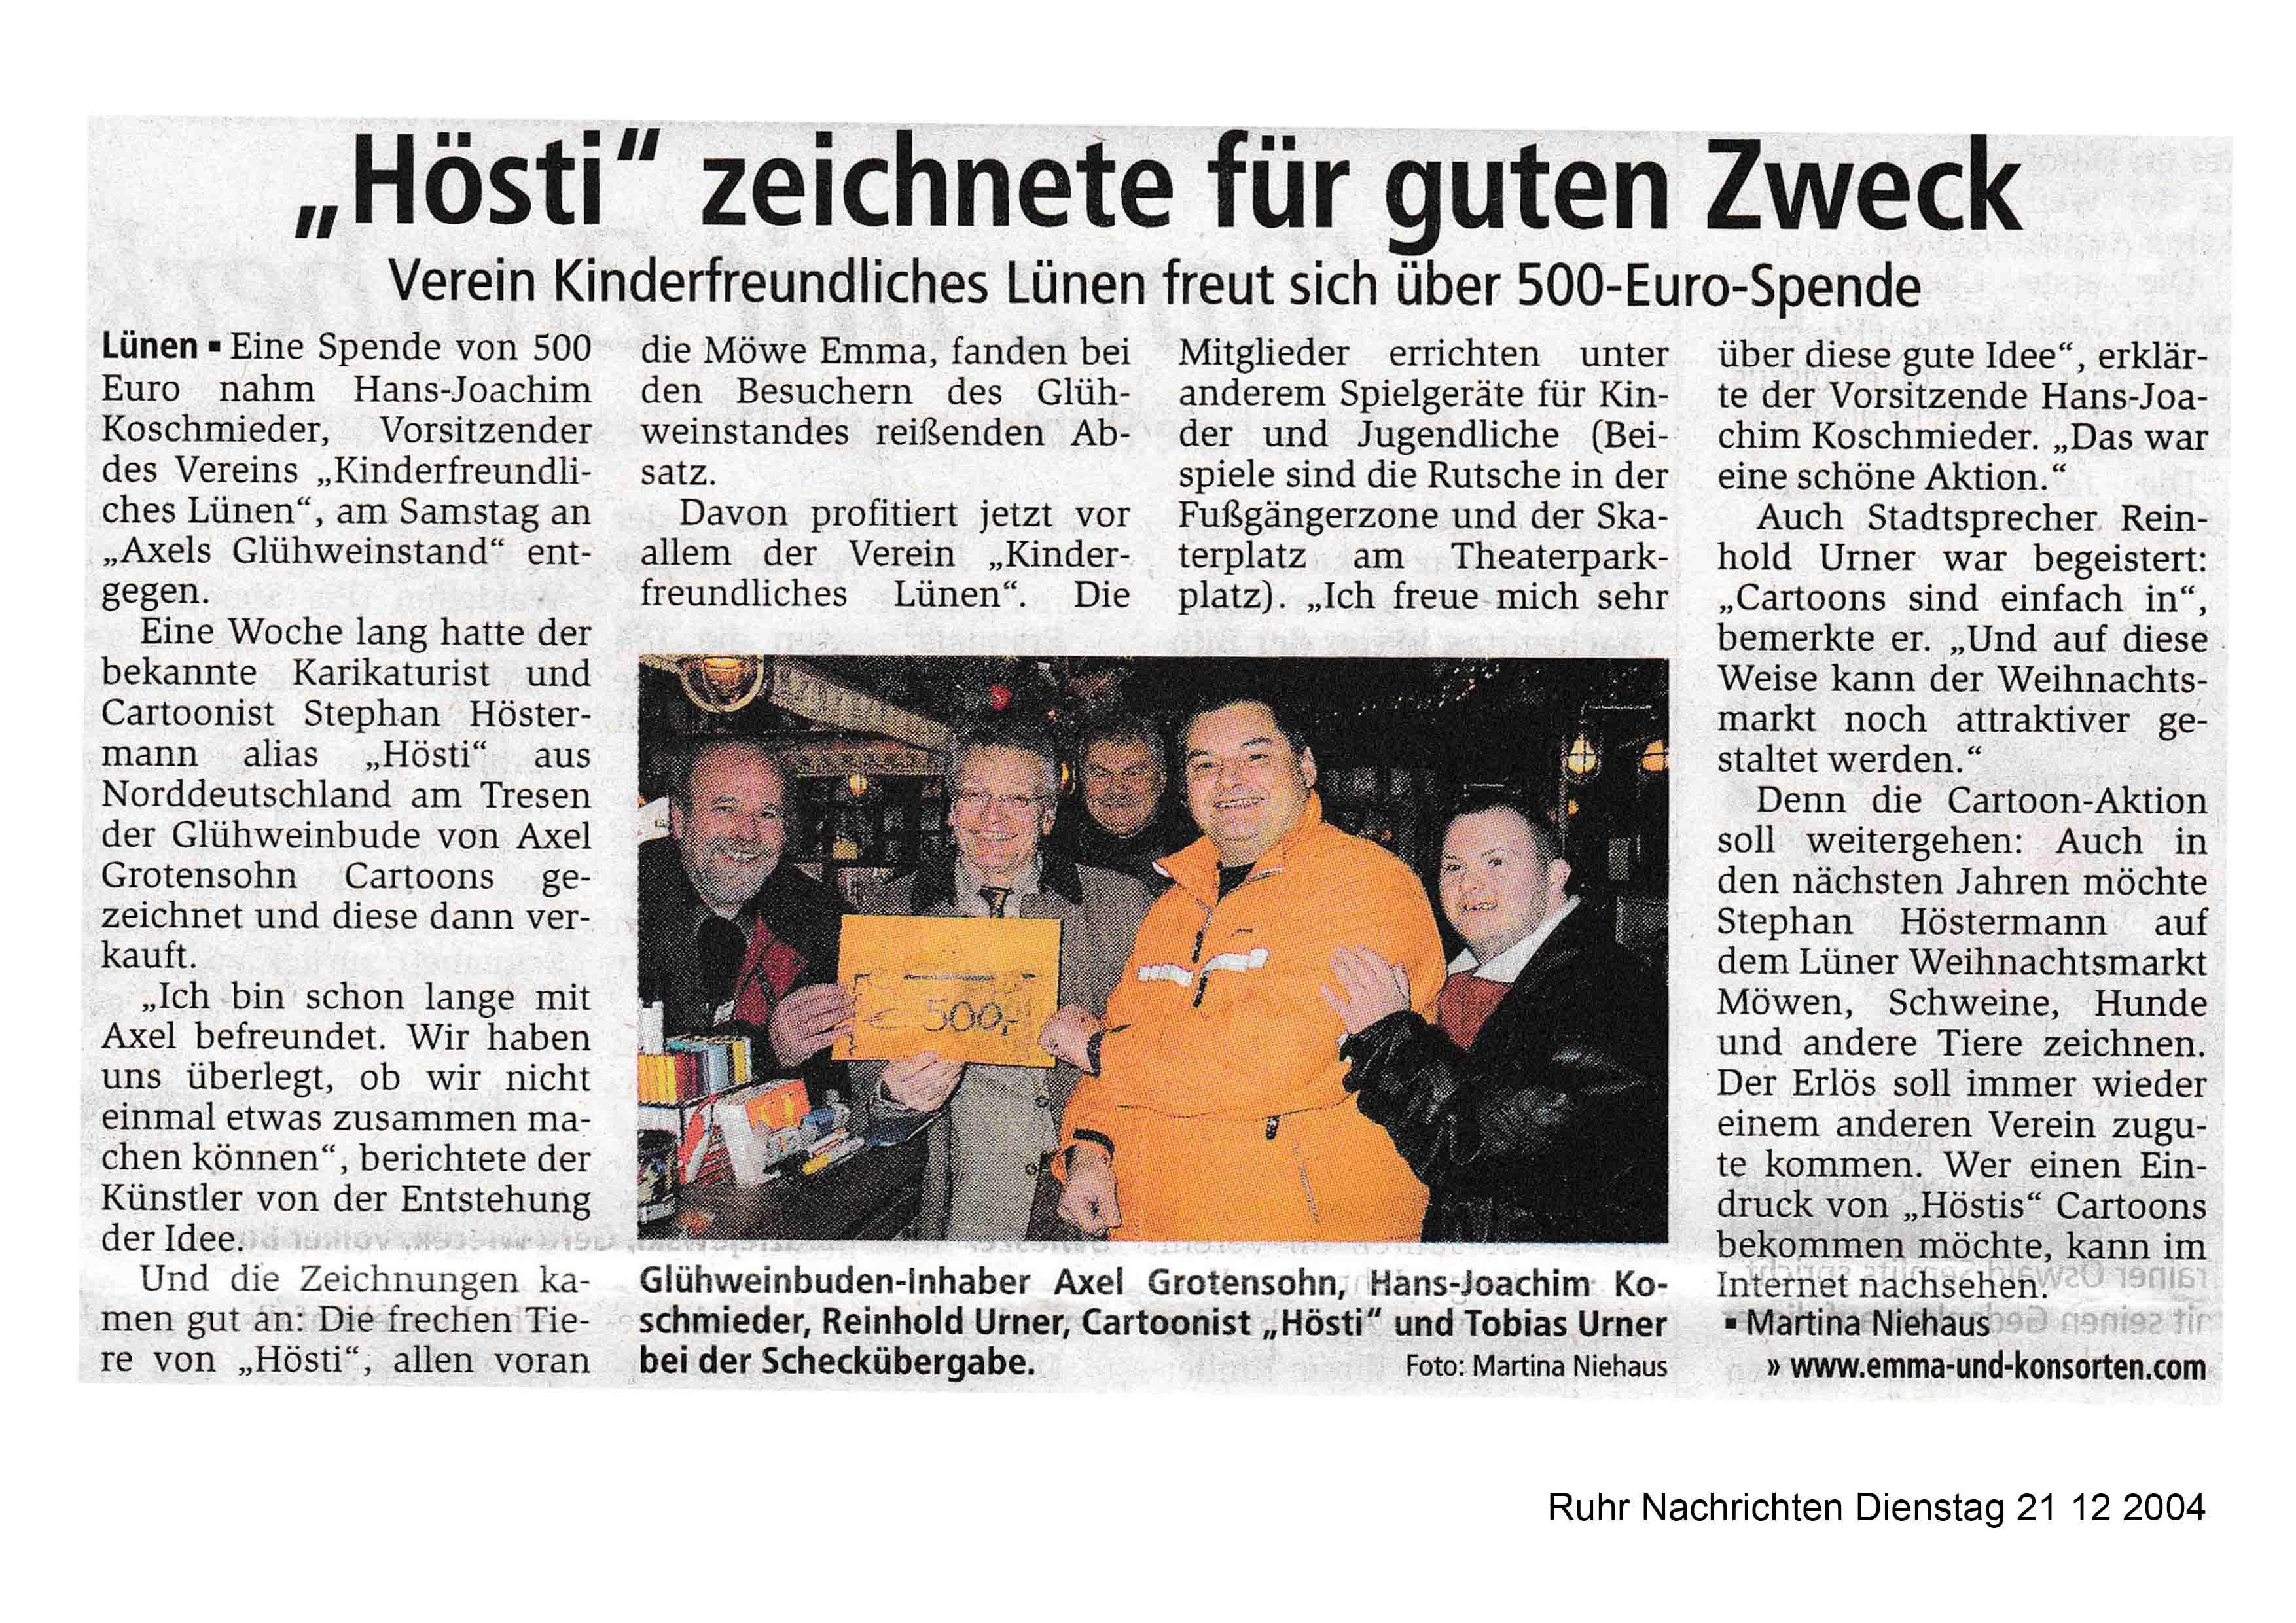 Ruhr Nachrichten Dienstag 21 12 2004